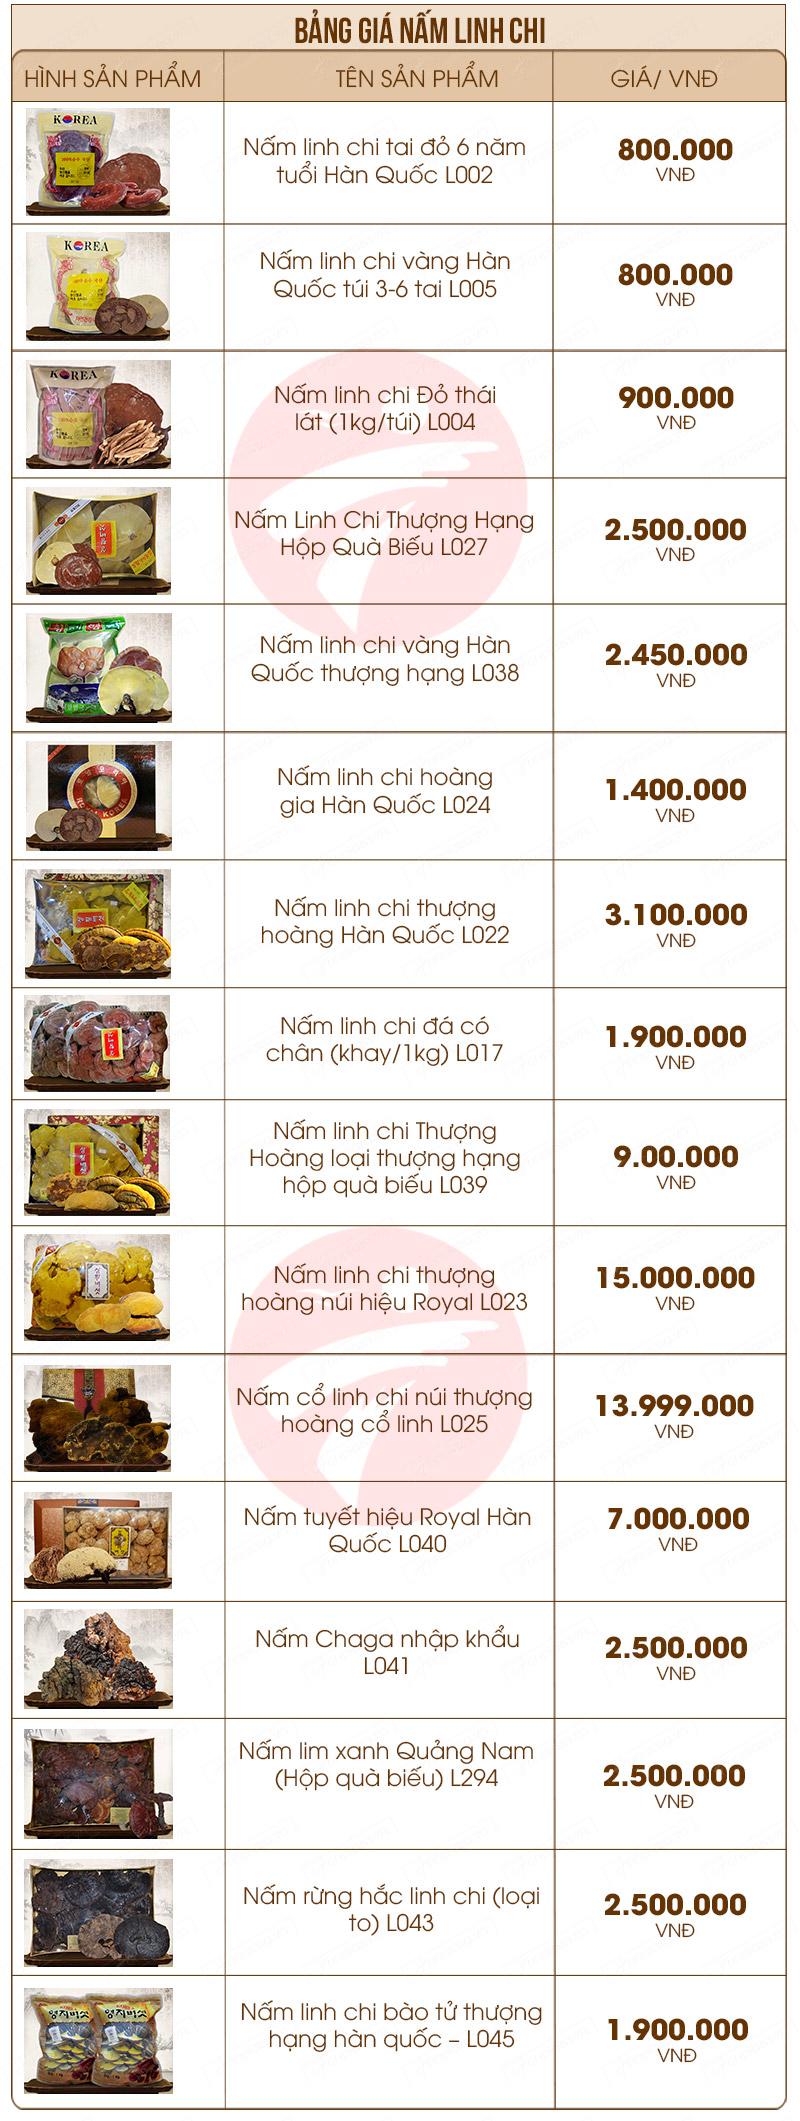 bảng giá sản phẩm nấm linh chi